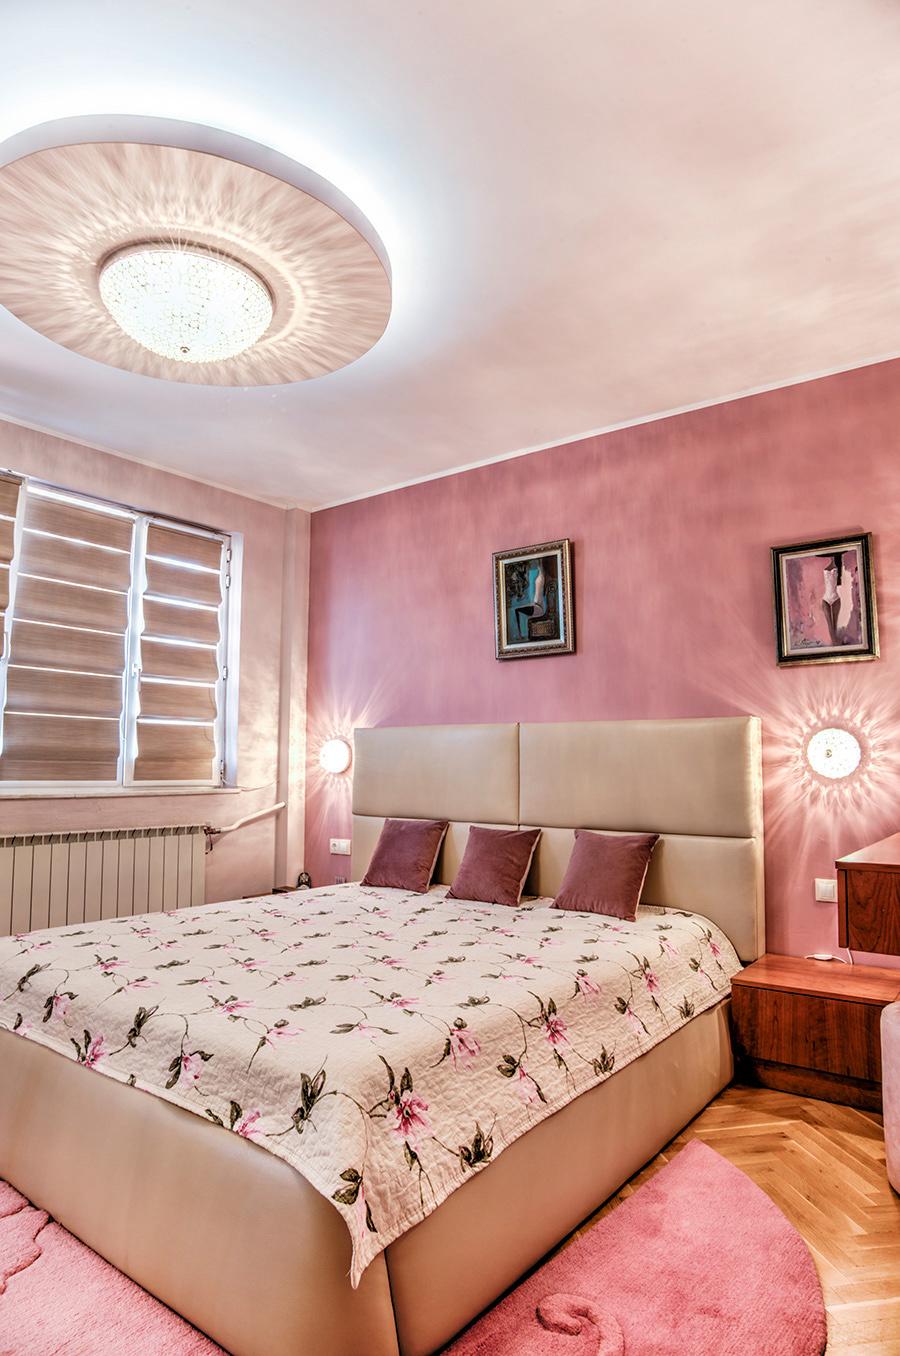 interioren-fotograf-plovdiv (35)